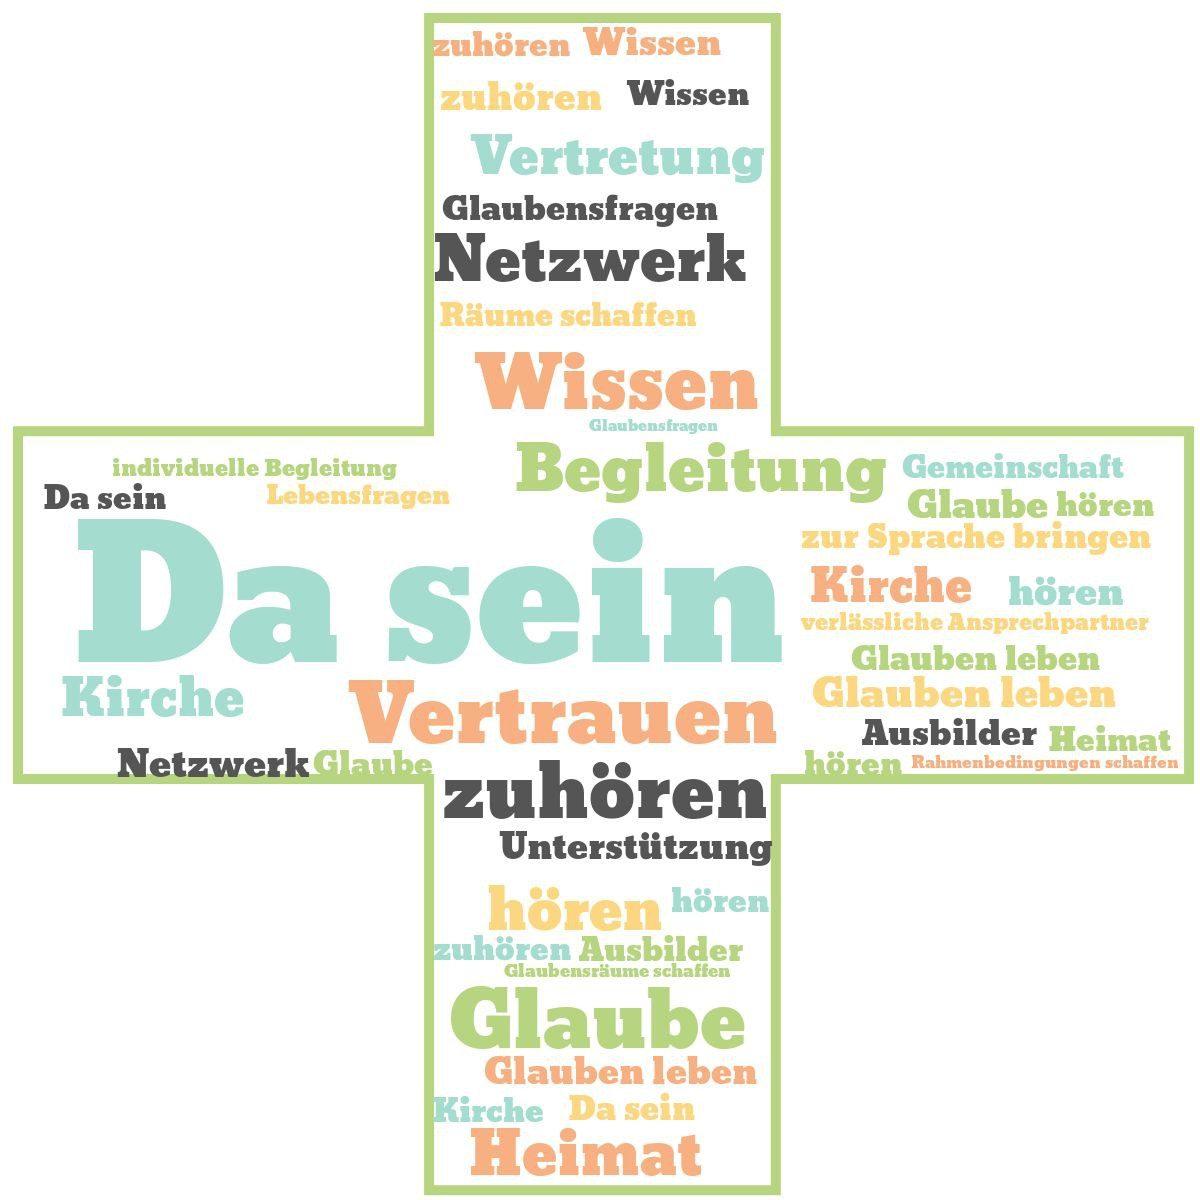 Mission KJB Passau